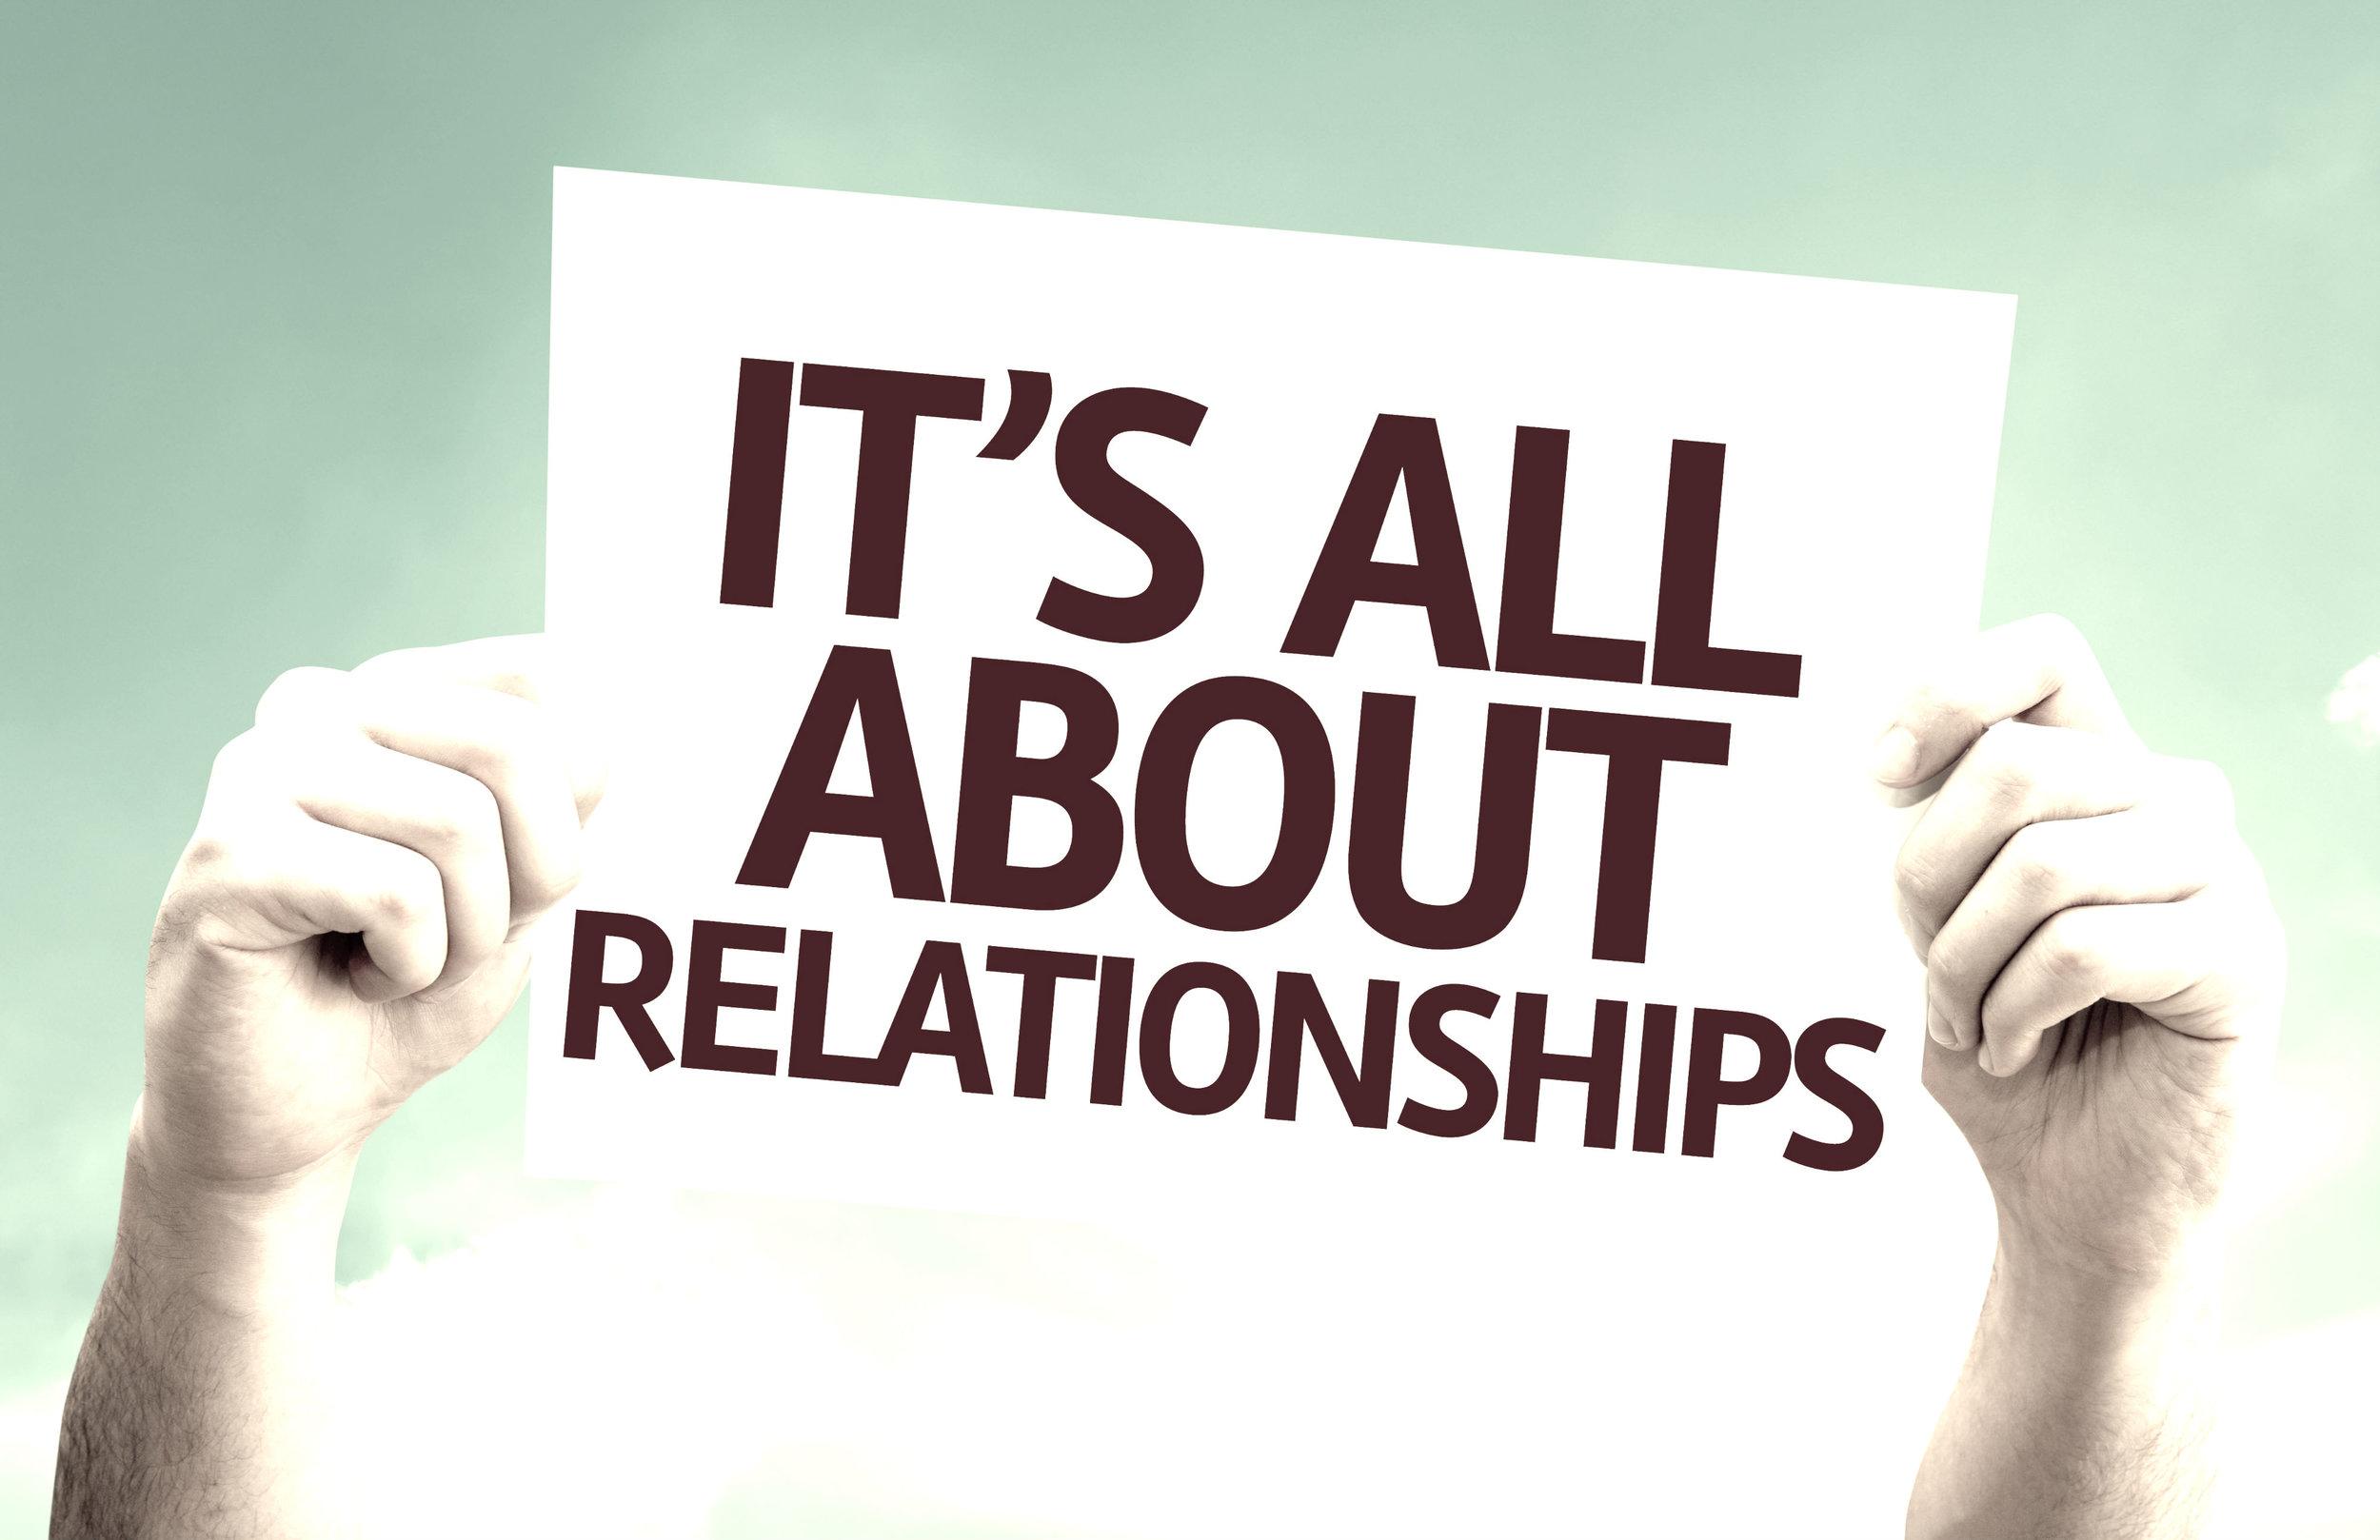 Relationships BW.jpg